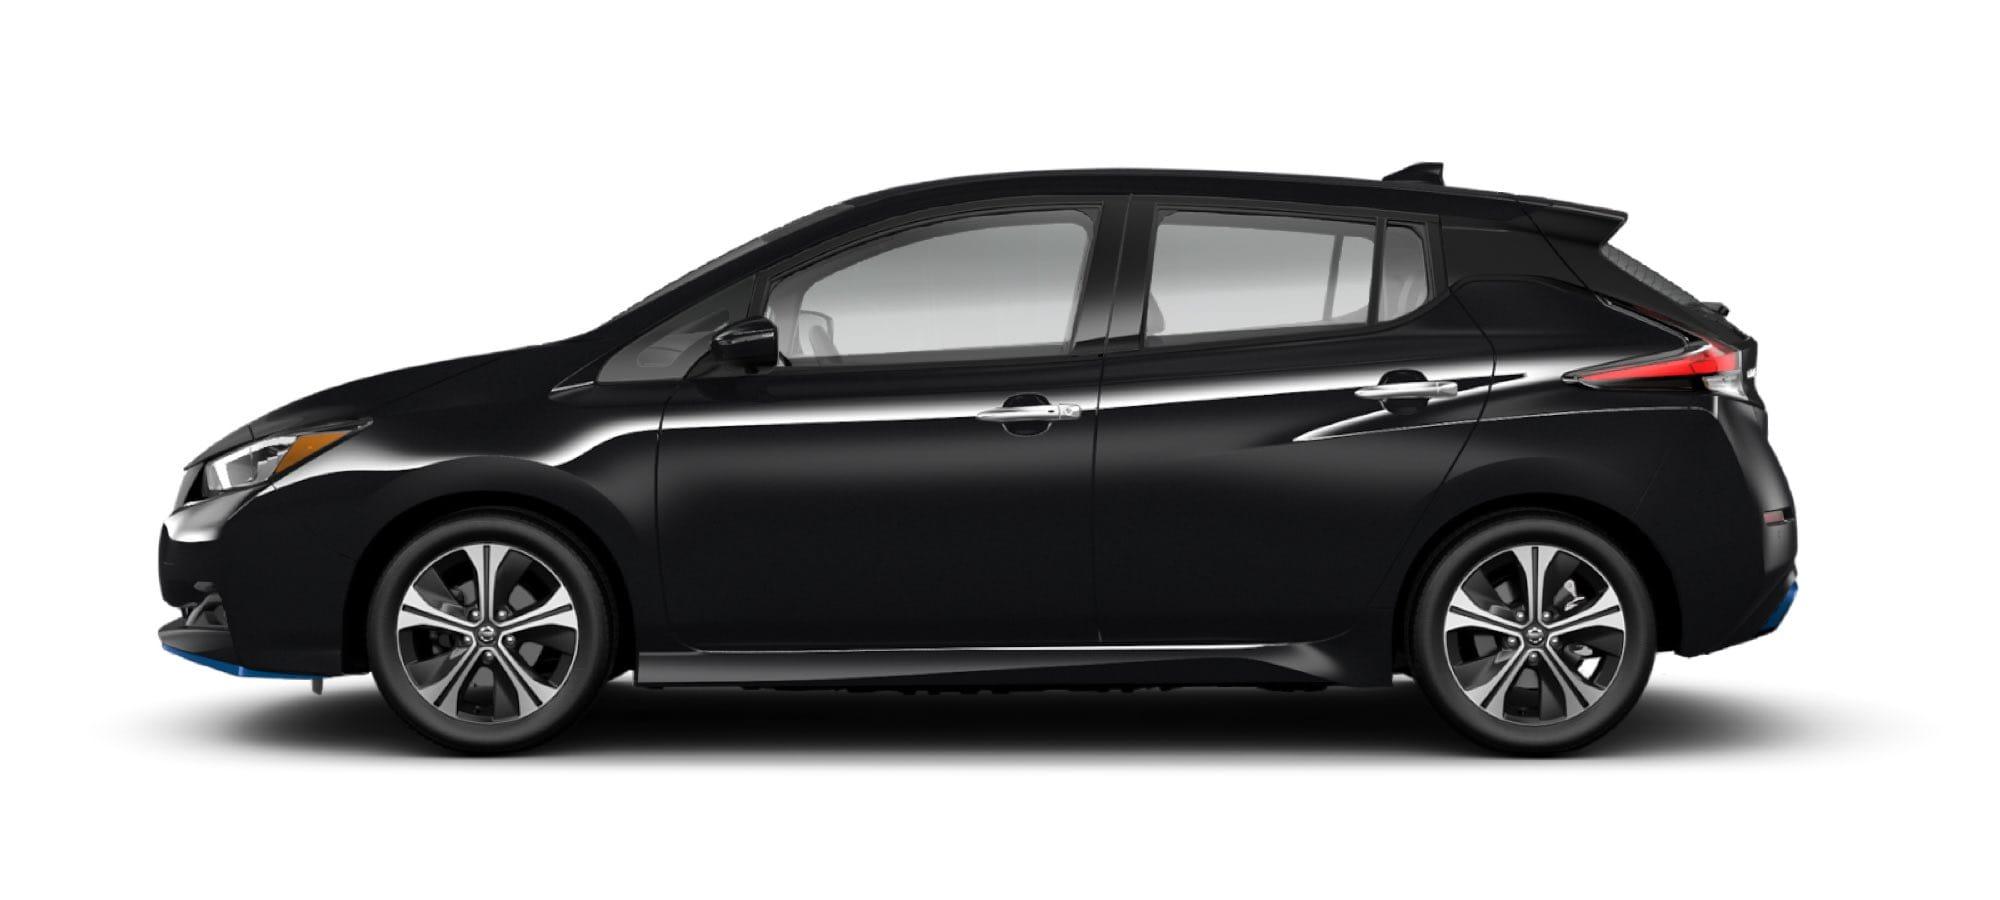 2021 Nissan LEAF in Super Black